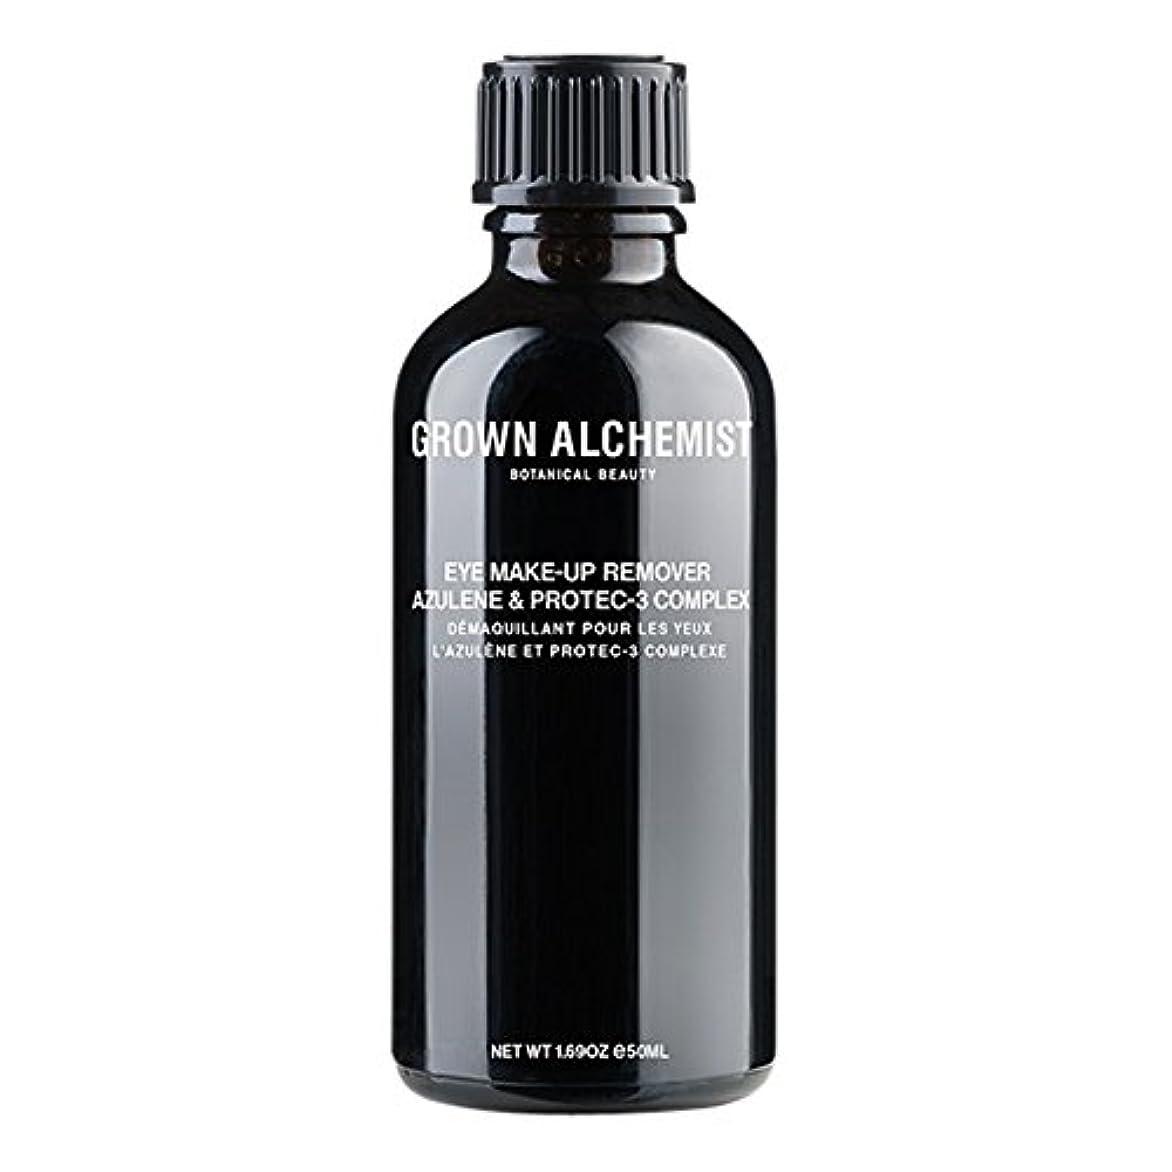 トピック肥沃な用心成長した錬金術師アズレン&Protec-3アイメイクアップリムーバーの50ミリリットル (Grown Alchemist) (x6) - Grown Alchemist Azulene & Protec-3 Eye-Makeup Remover 50ml (Pack of 6) [並行輸入品]